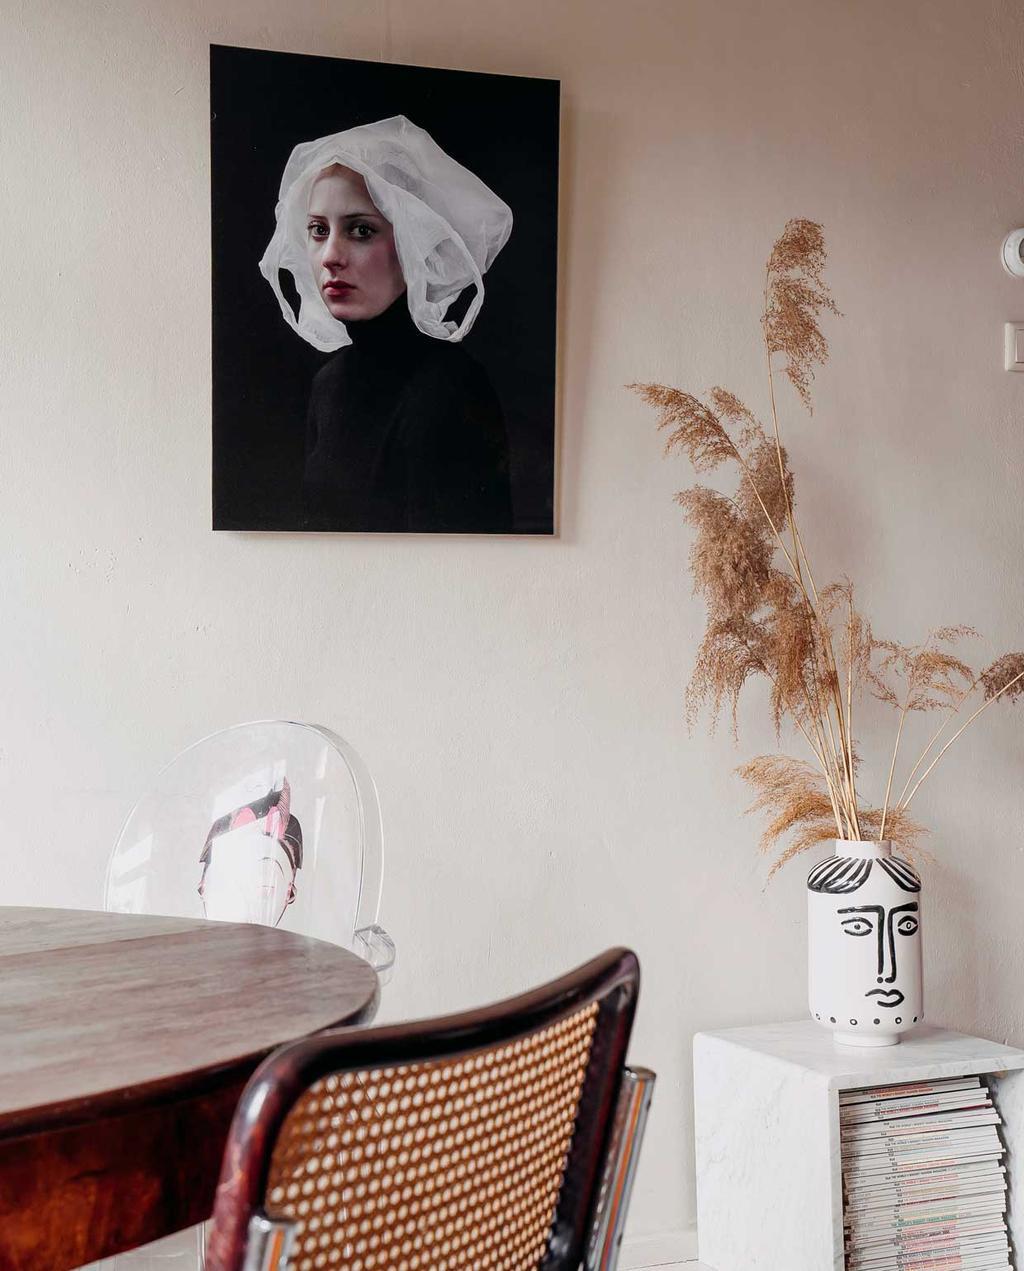 vtwonen 11-2020 | binnenkijken in een bont en persoonlijk familiehuis | eettafel met kunst